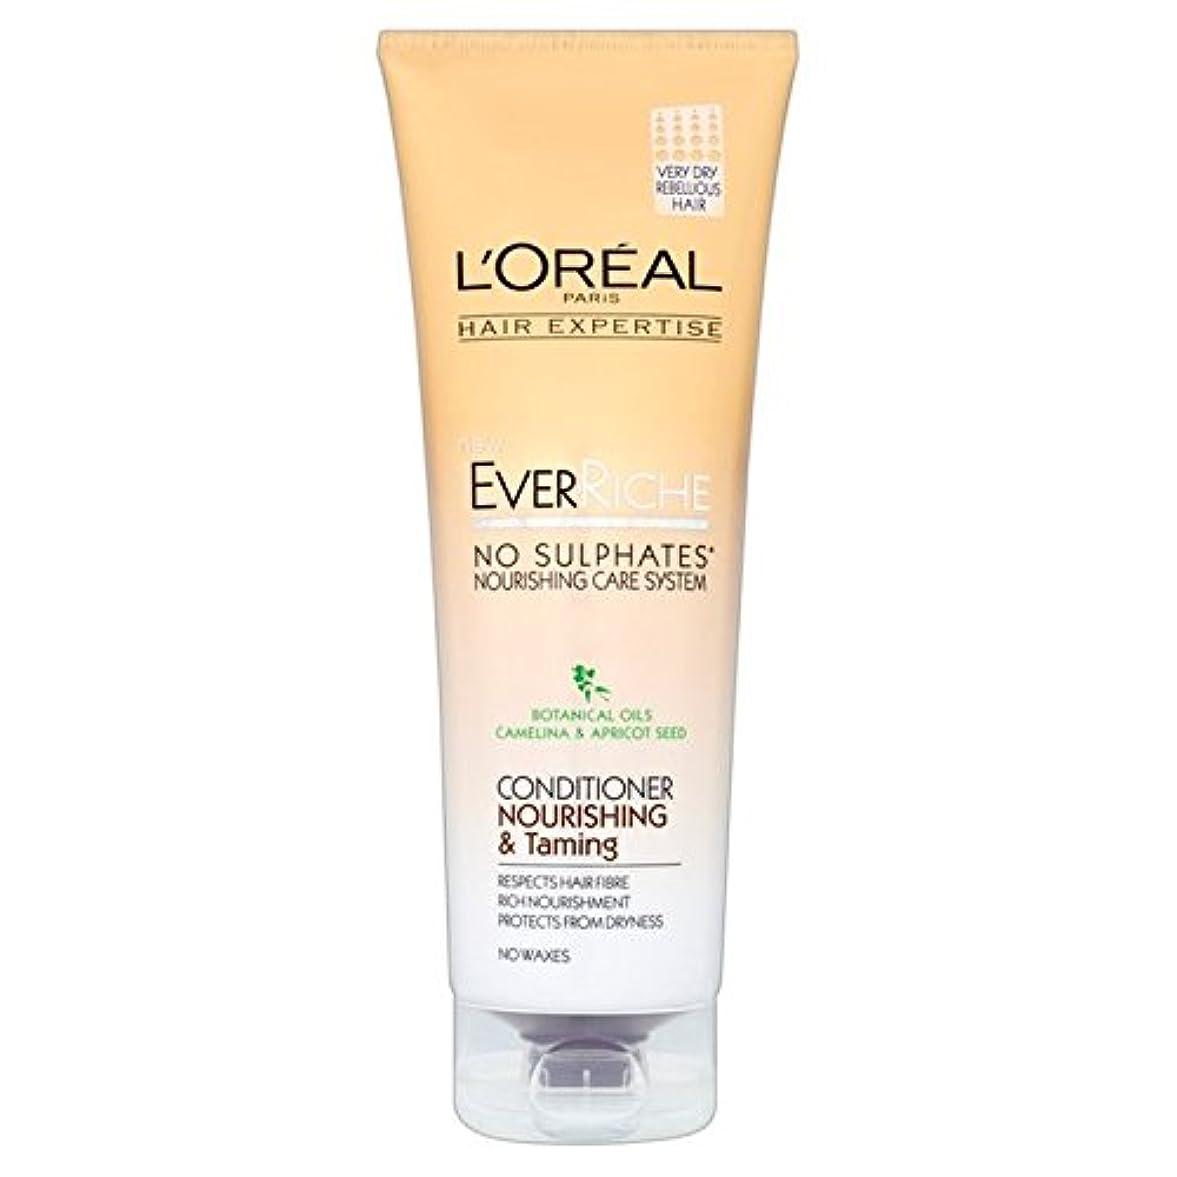 速度戦士無秩序ロレアルの髪の専門知識、これまでリッシュコンディショナーヌール&調教250ミリリットル x4 - L'Oreal Hair Expertise Ever Riche Conditioner Nour & Taming 250ml...